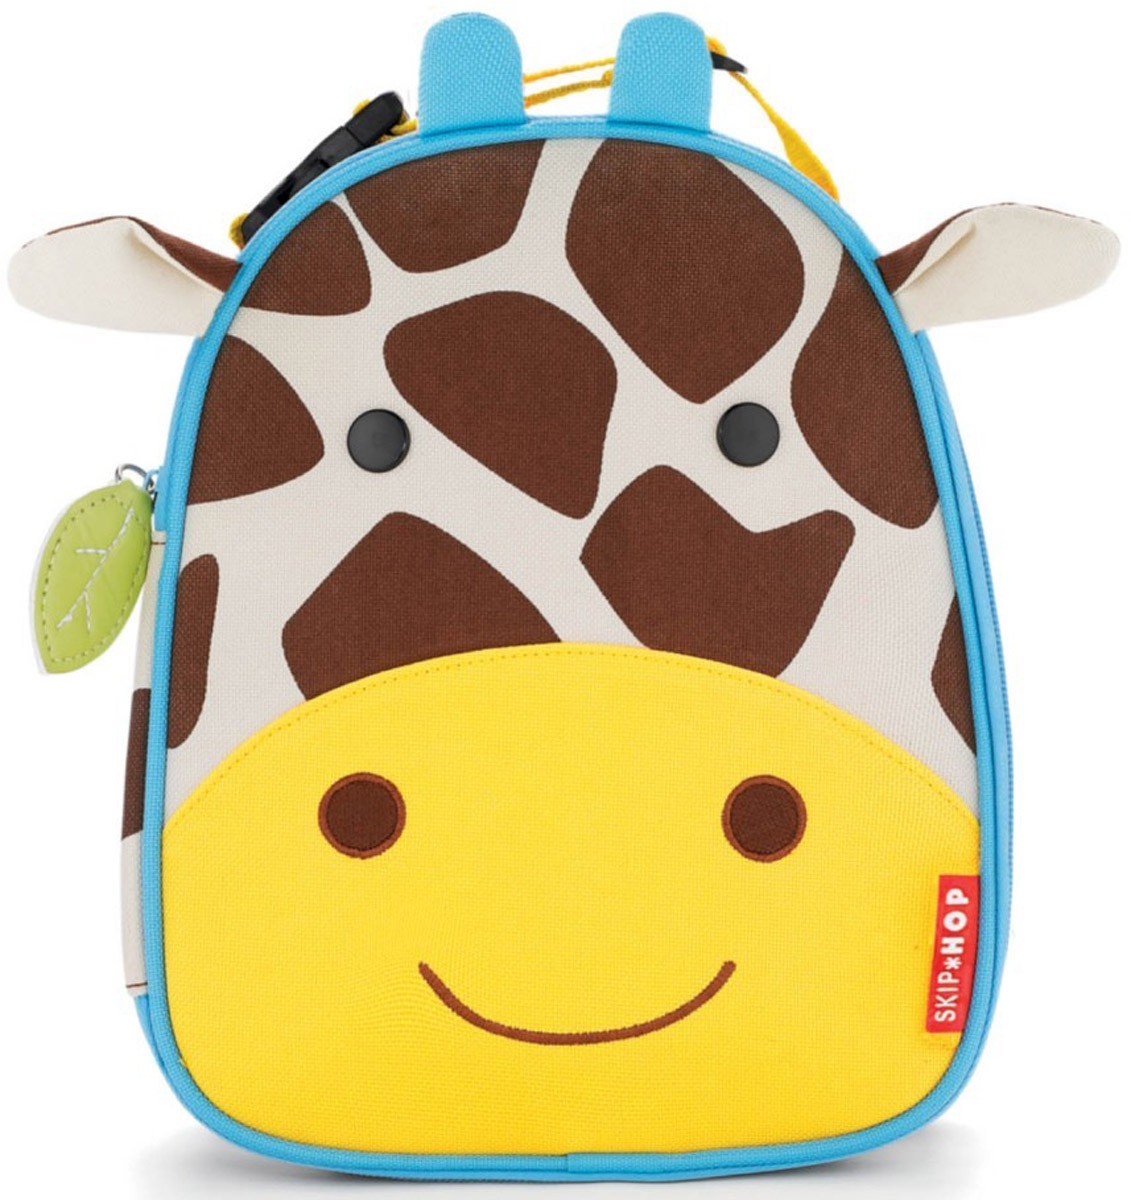 """Превосходный ланч-бокс Skip Hop """"Жираф"""" отлично сохранит свежесть и вкус продуктов для вашего ребёнка. Сумка с одним отделением изготовлена из прочного текстиля. Лицевая сторона декорирована мордочкой жирафа с ушками и рожками. Внутренняя поверхность отделана термоизоляционным материалом, благодаря которому продукты дольше остаются свежими. Изделие закрывается на пластиковую застежку-молнию с удобным держателем на бегунке. Внутри имеется сетчатый карман для хранения аксессуаров и текстильная нашивка для записи имени владельца сумки. Ланч-бокс дополнен удобной текстильной ручкой с регулируемой длиной и пластиковым карабином. Такая сумка ланч-бокс пригодится везде: на прогулке, во время учебы, на отдыхе, во время путешествий."""